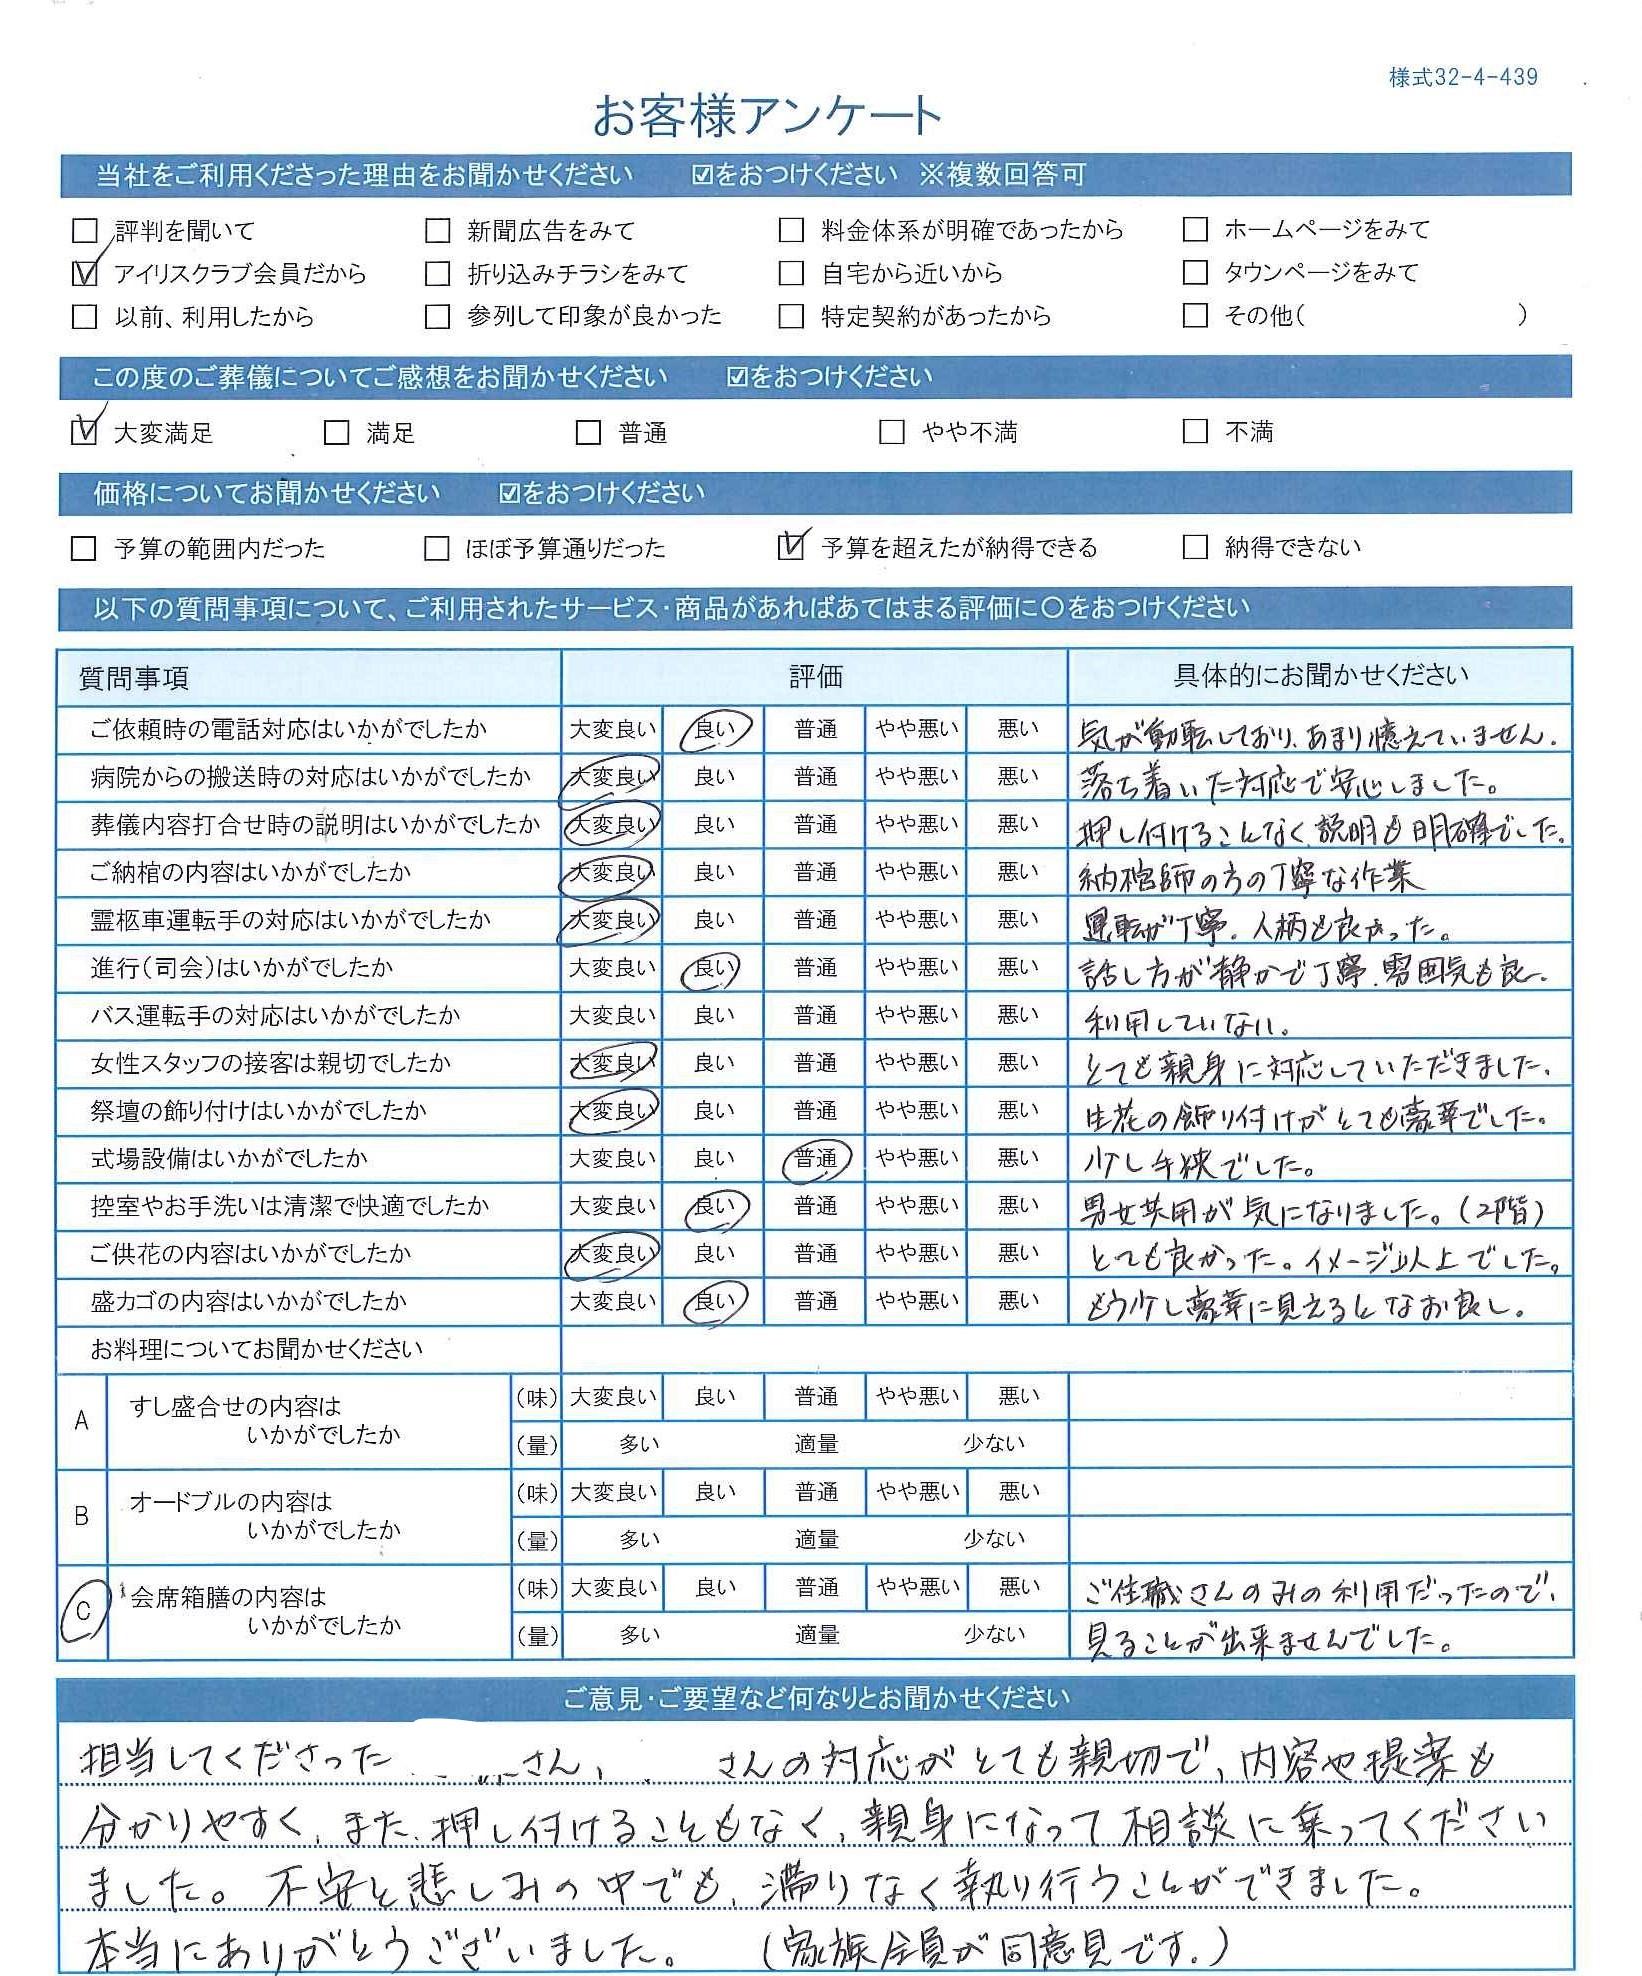 2021.05.16 東近江市Y様